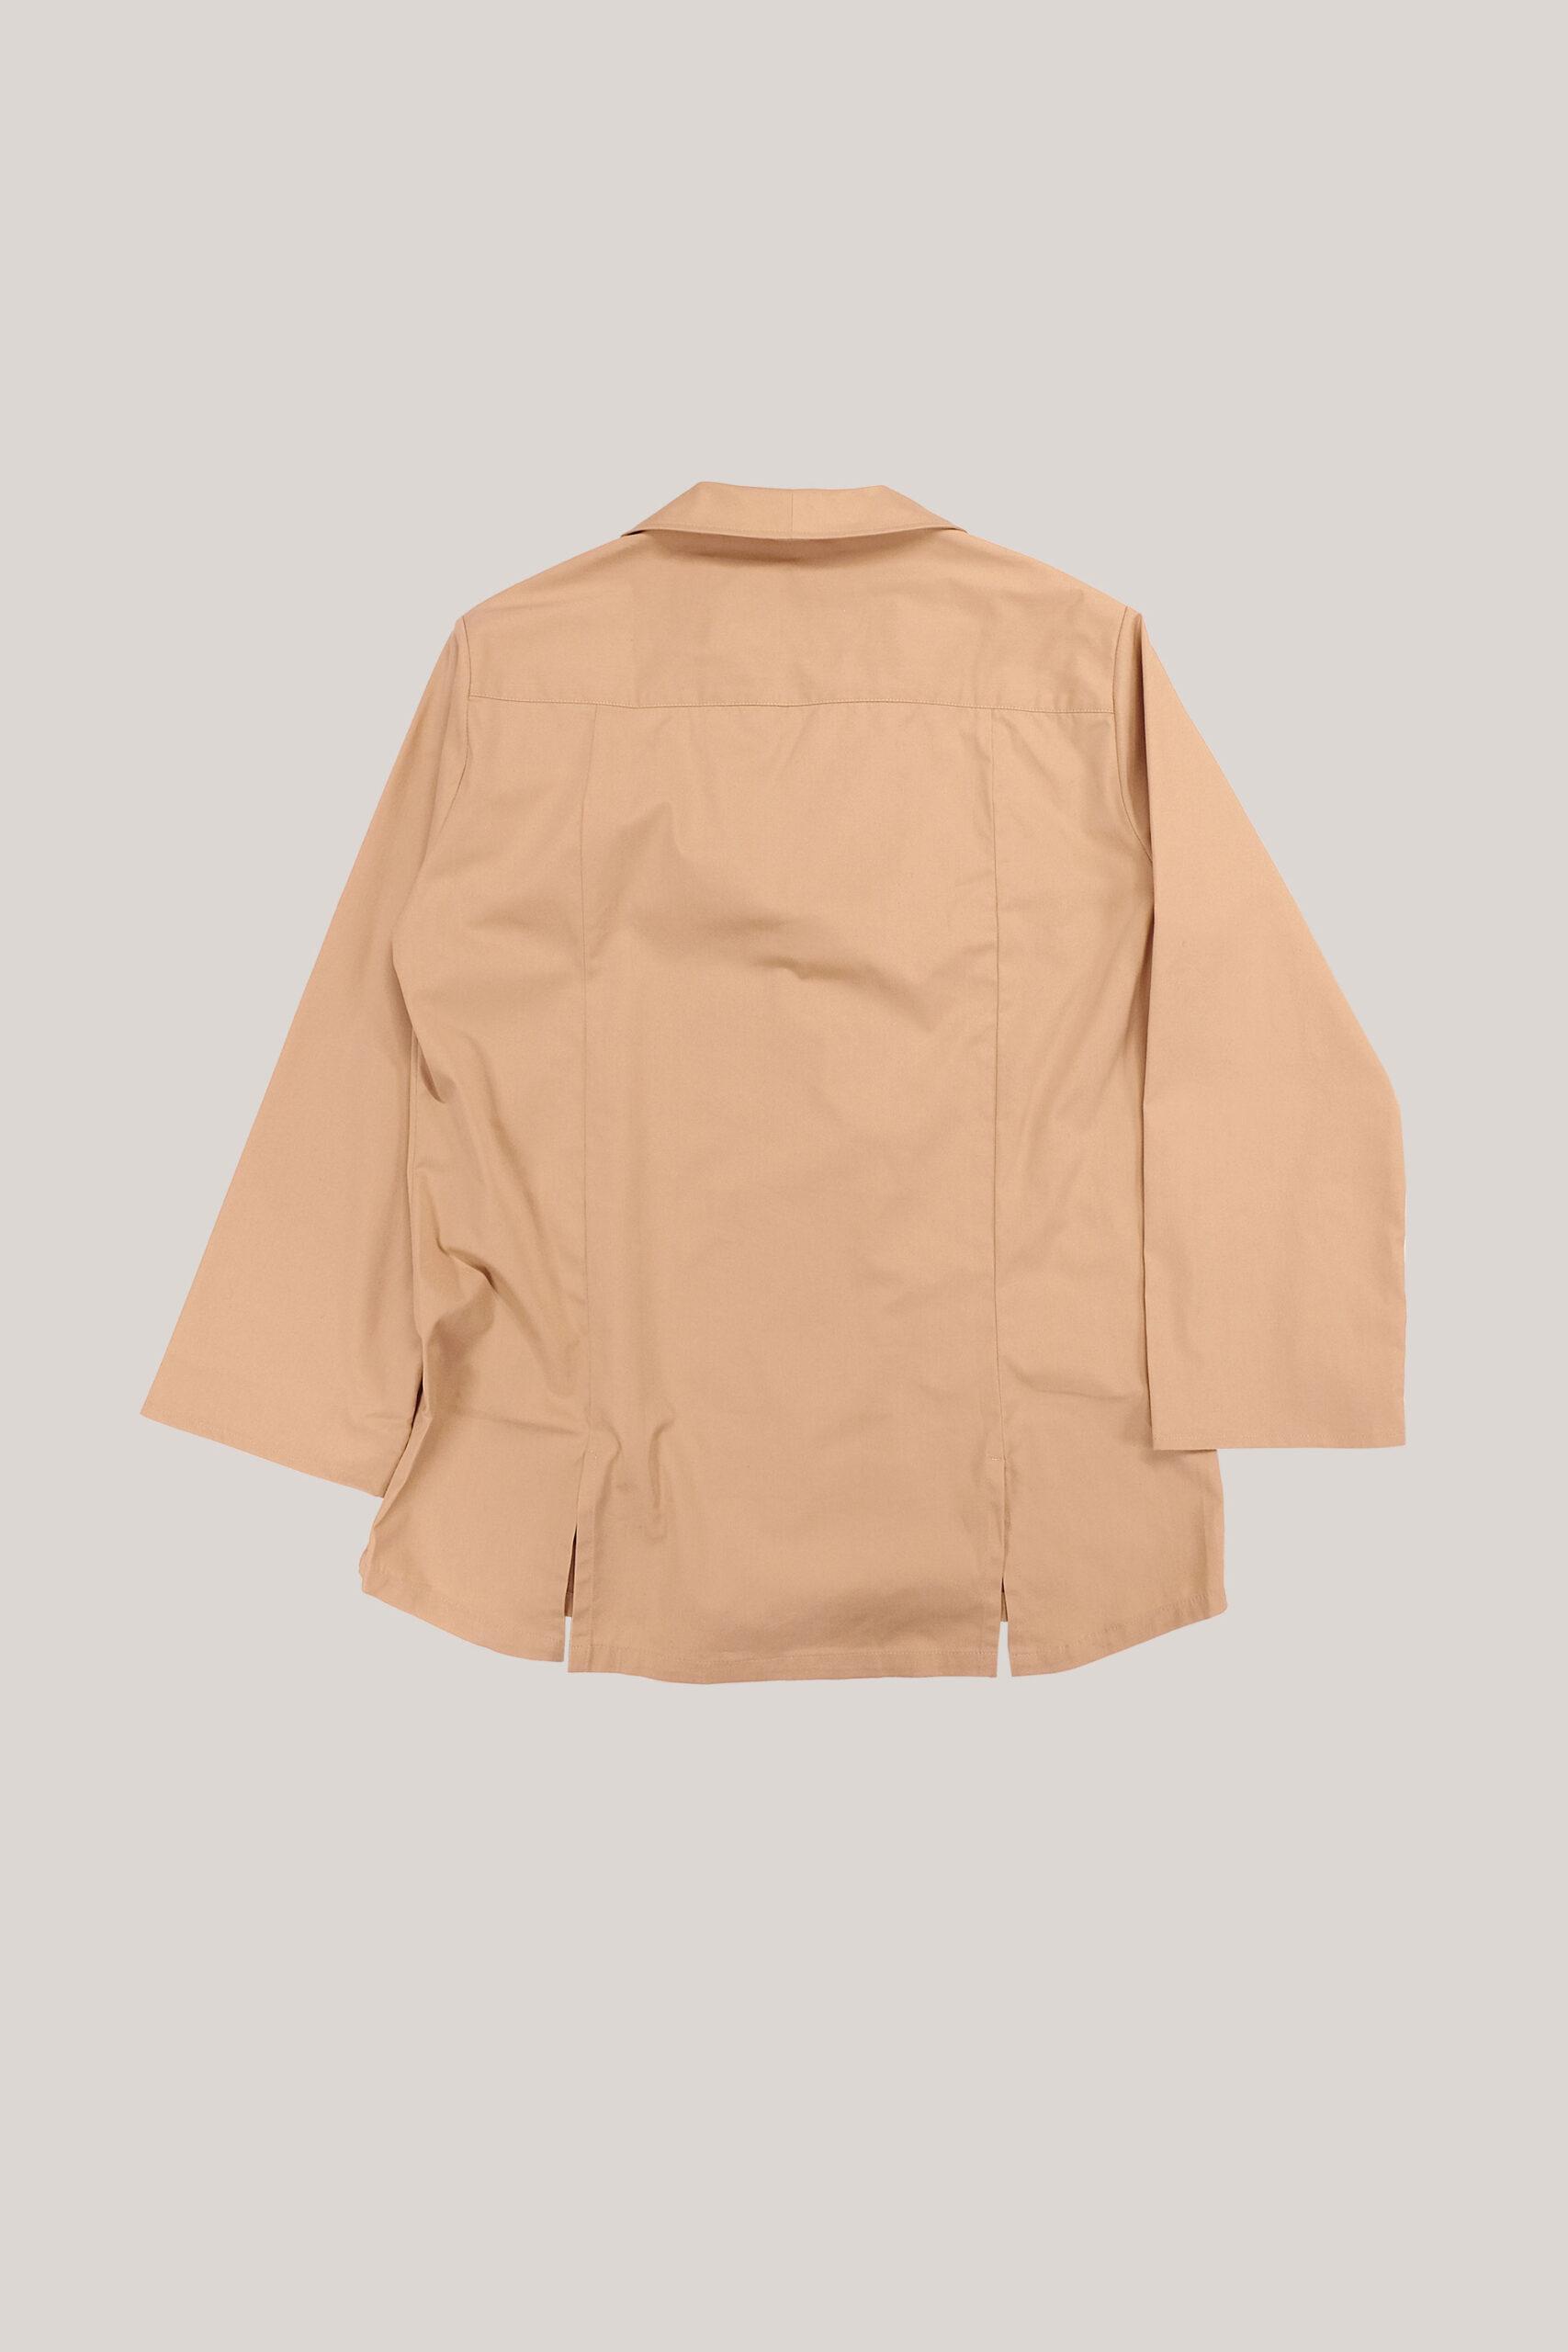 10-Sand-Shirt-2